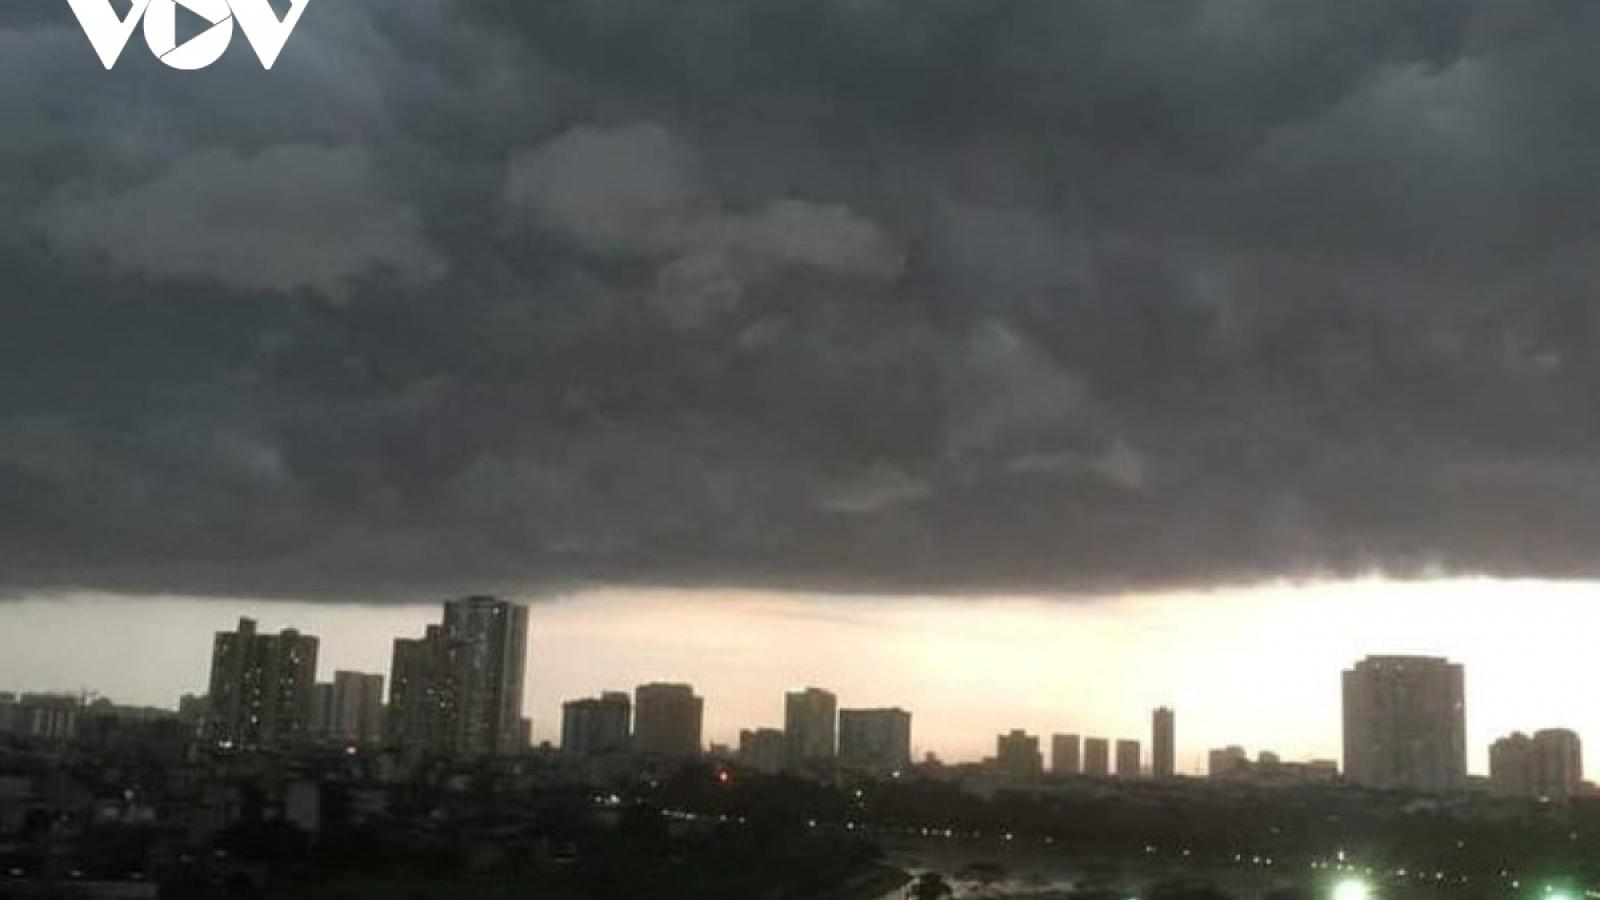 Cảnh báo: Hà Nội sắp xuất hiện mưa dông, có khả năng xảy ra lốc, sét